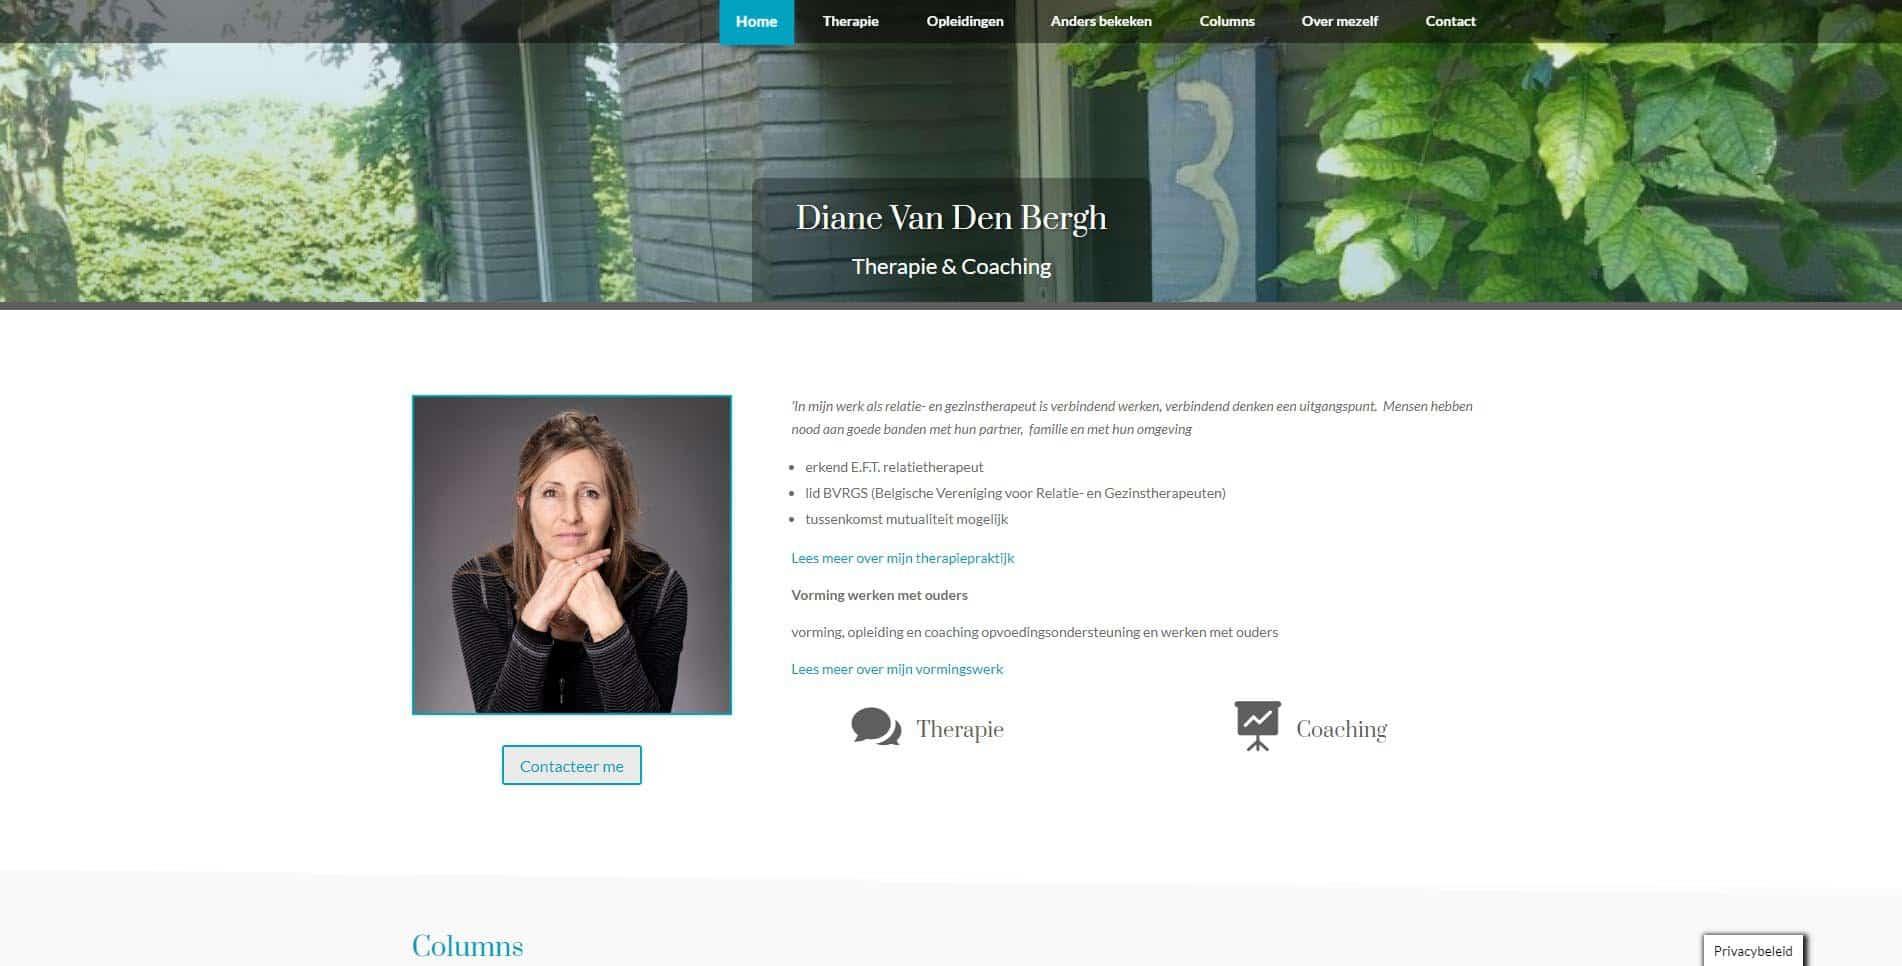 Diane Van Den Bergh